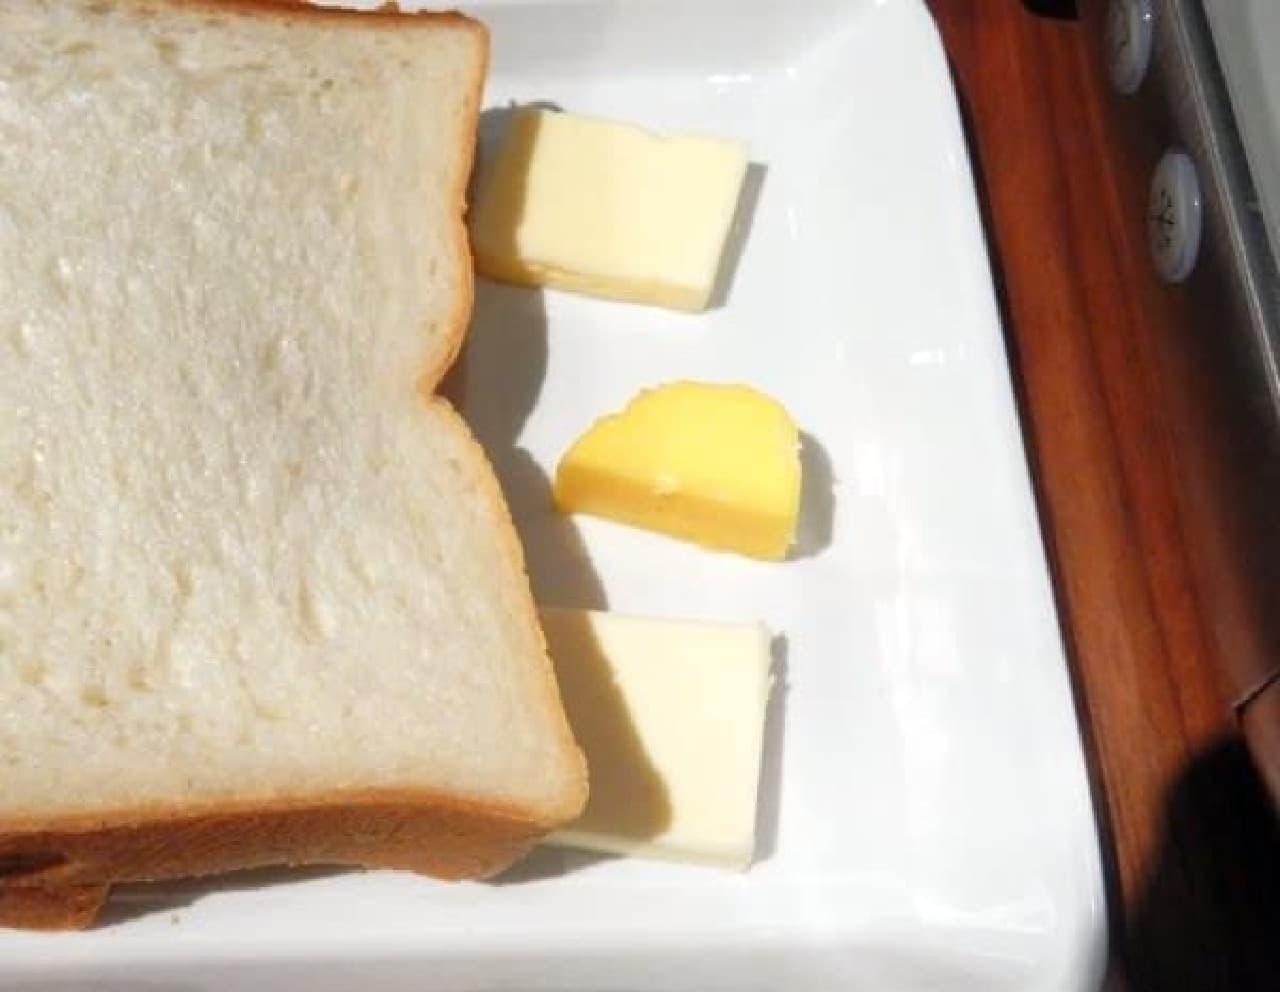 上からエシレバター、自家製バター、よつ葉バター  自家製バターだけ黄色い